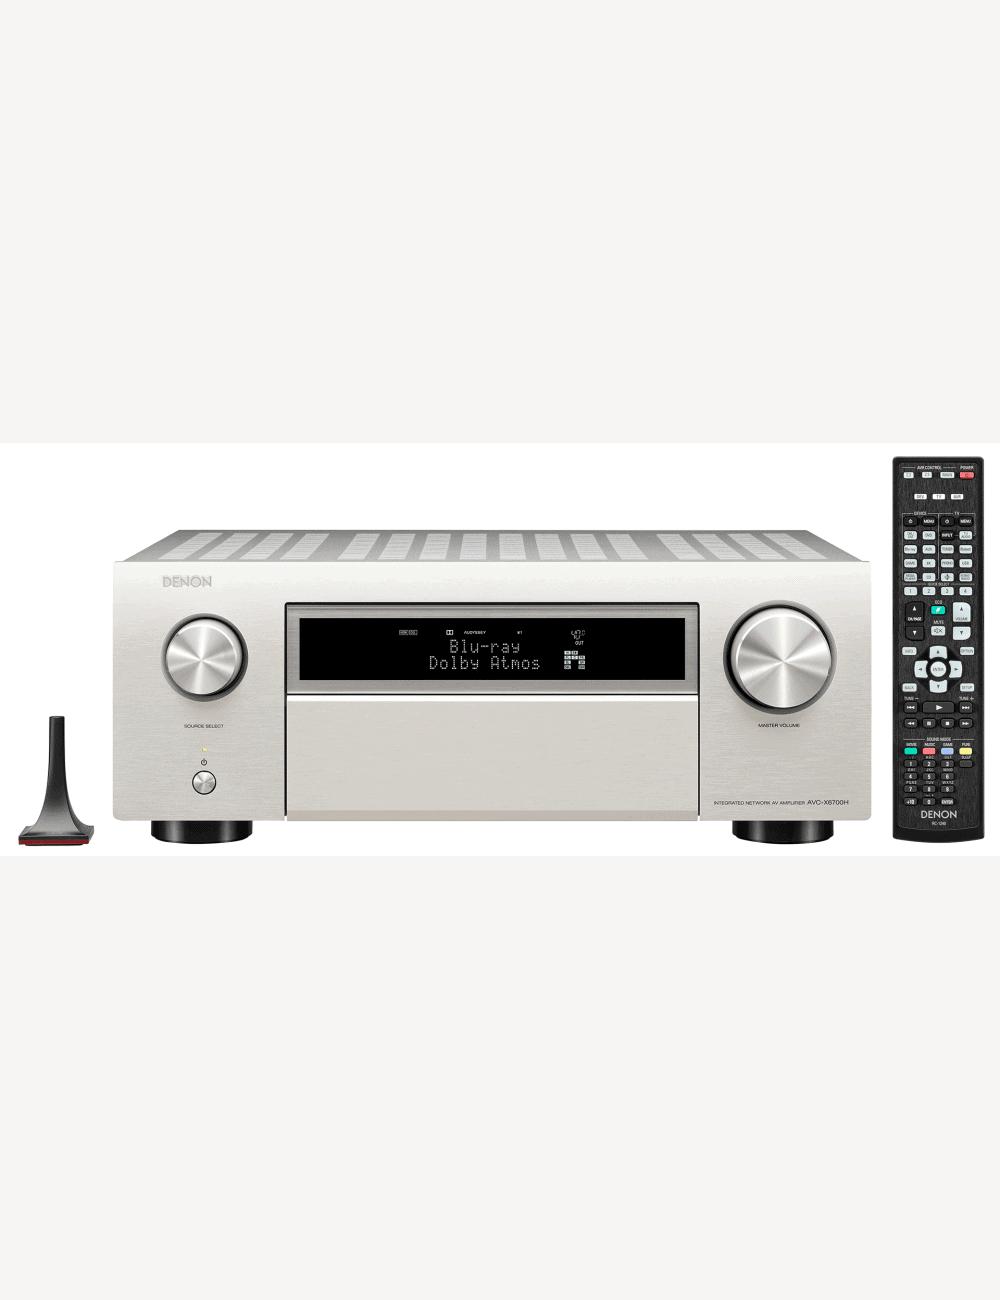 Sintoamplificatore AV 11.2 canali 8K Ultra HD con Audio 3D e HEOS, Denon AVR-X6700H, vista frontale finitura Silver